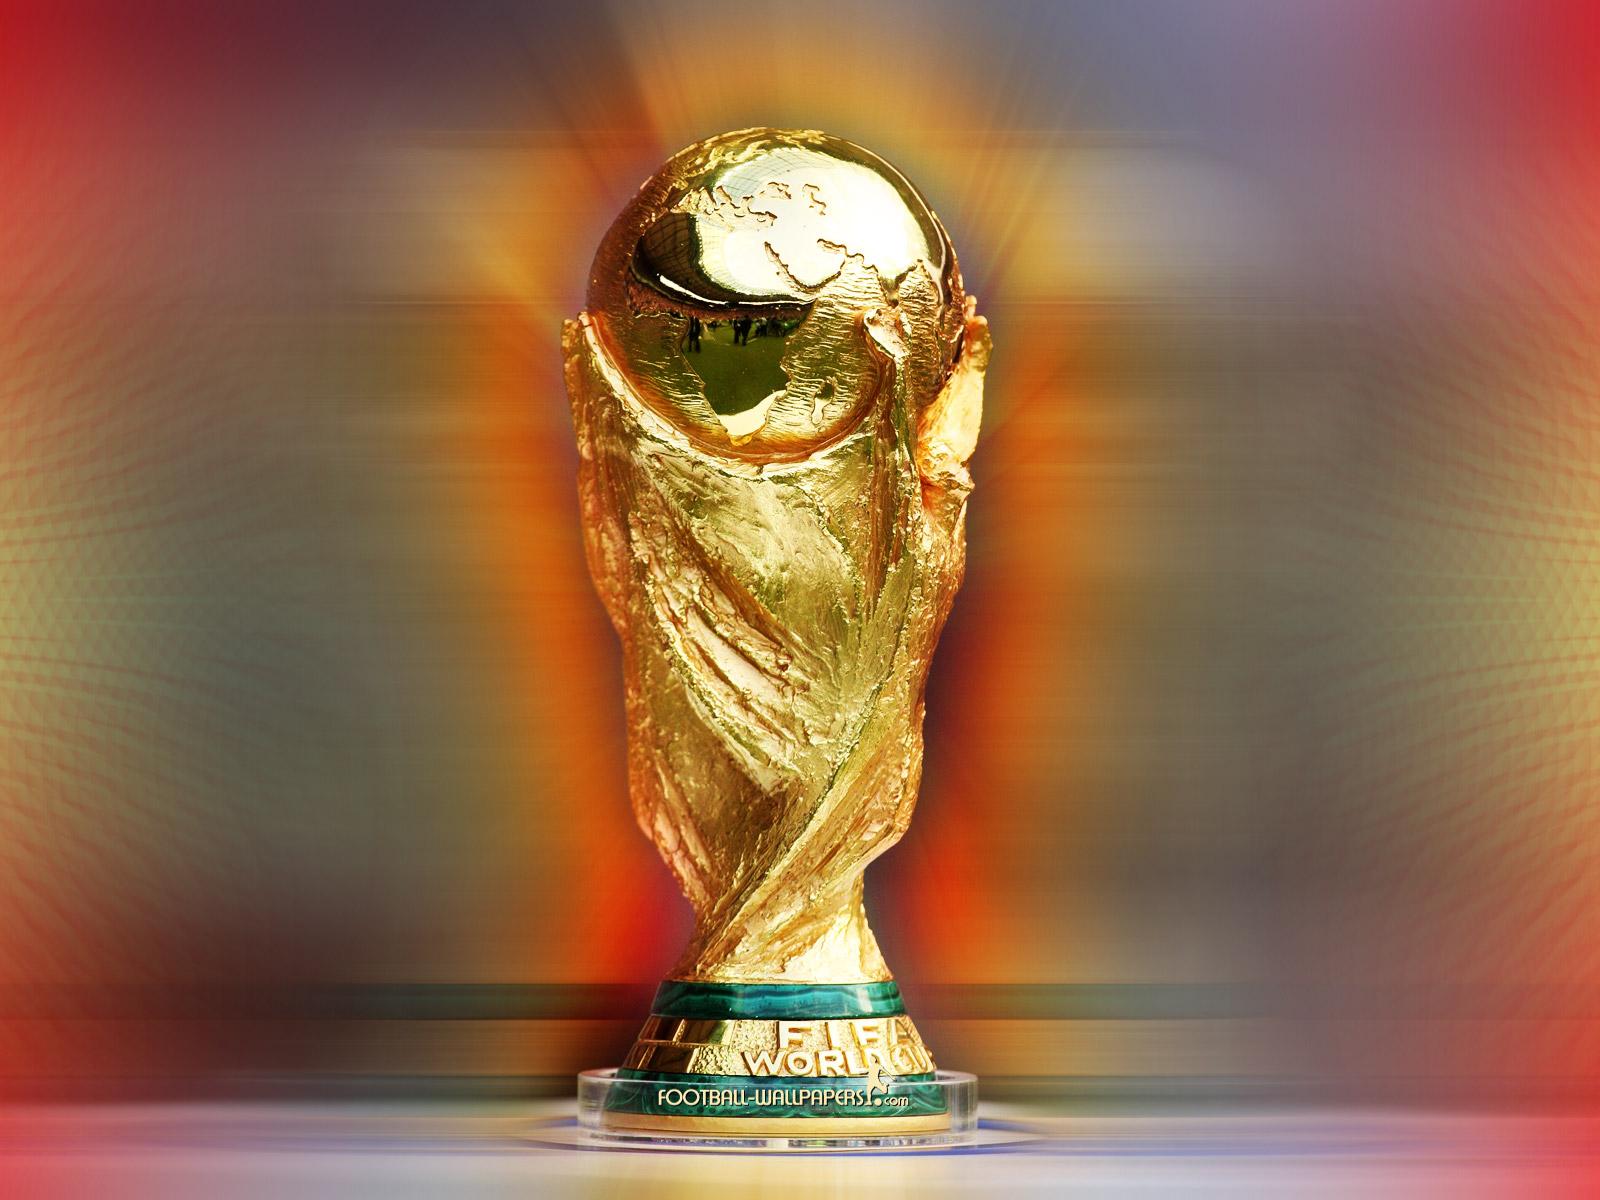 http://1.bp.blogspot.com/-VqYri9vY7kE/Ta1PDp3vKUI/AAAAAAAABvE/EIx2DiKoBGk/s1600/2010+world+cup+fifa+wallpaper+FIFA-World-Cup_1.jpg